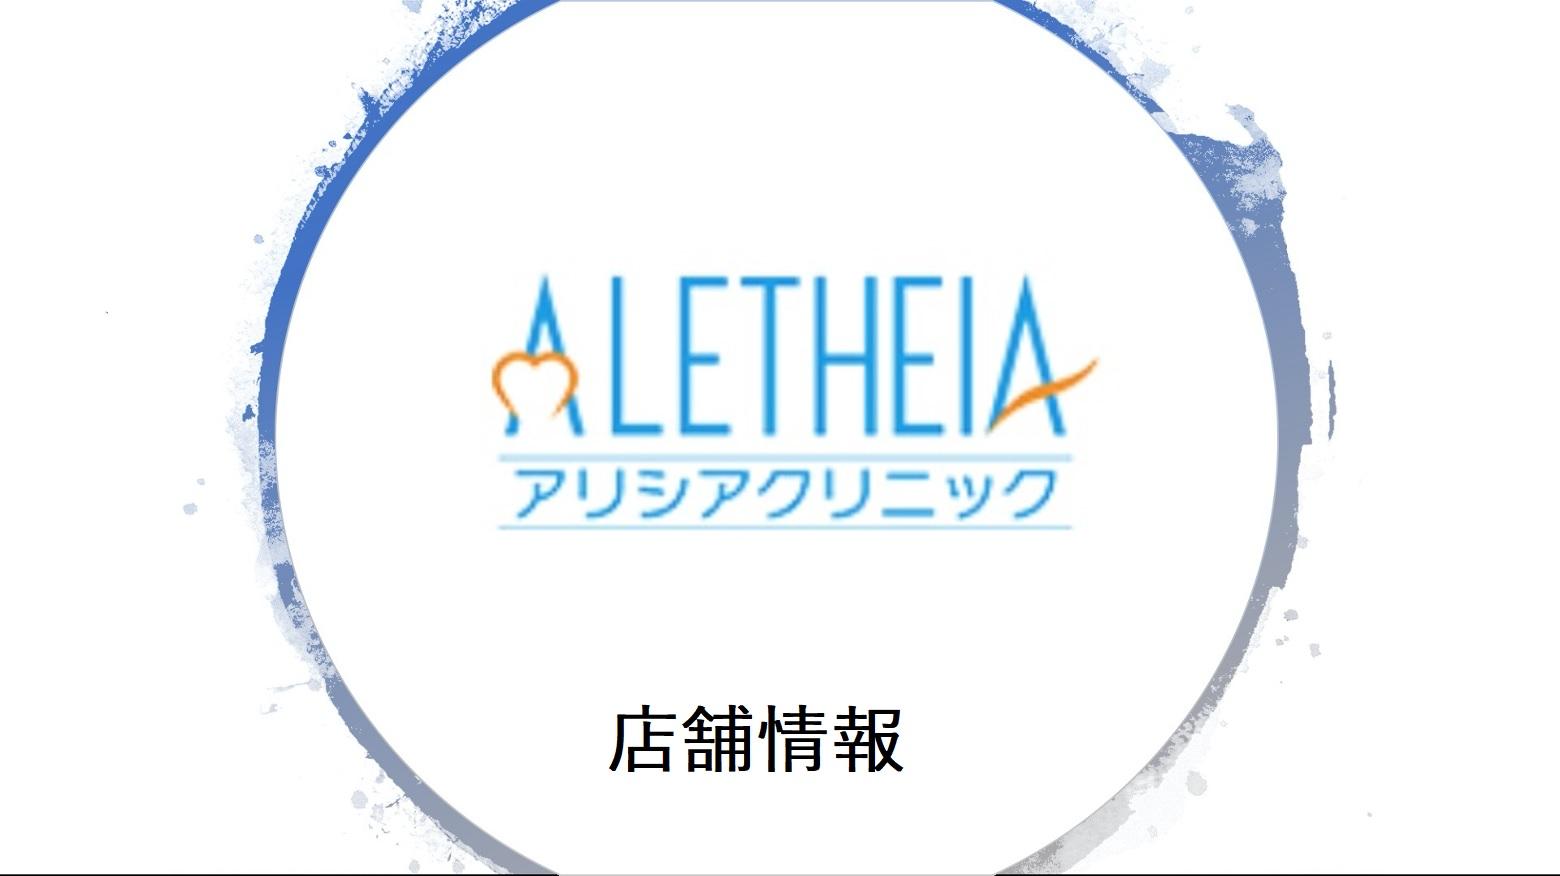 アリシアクリニック(店舗情報)